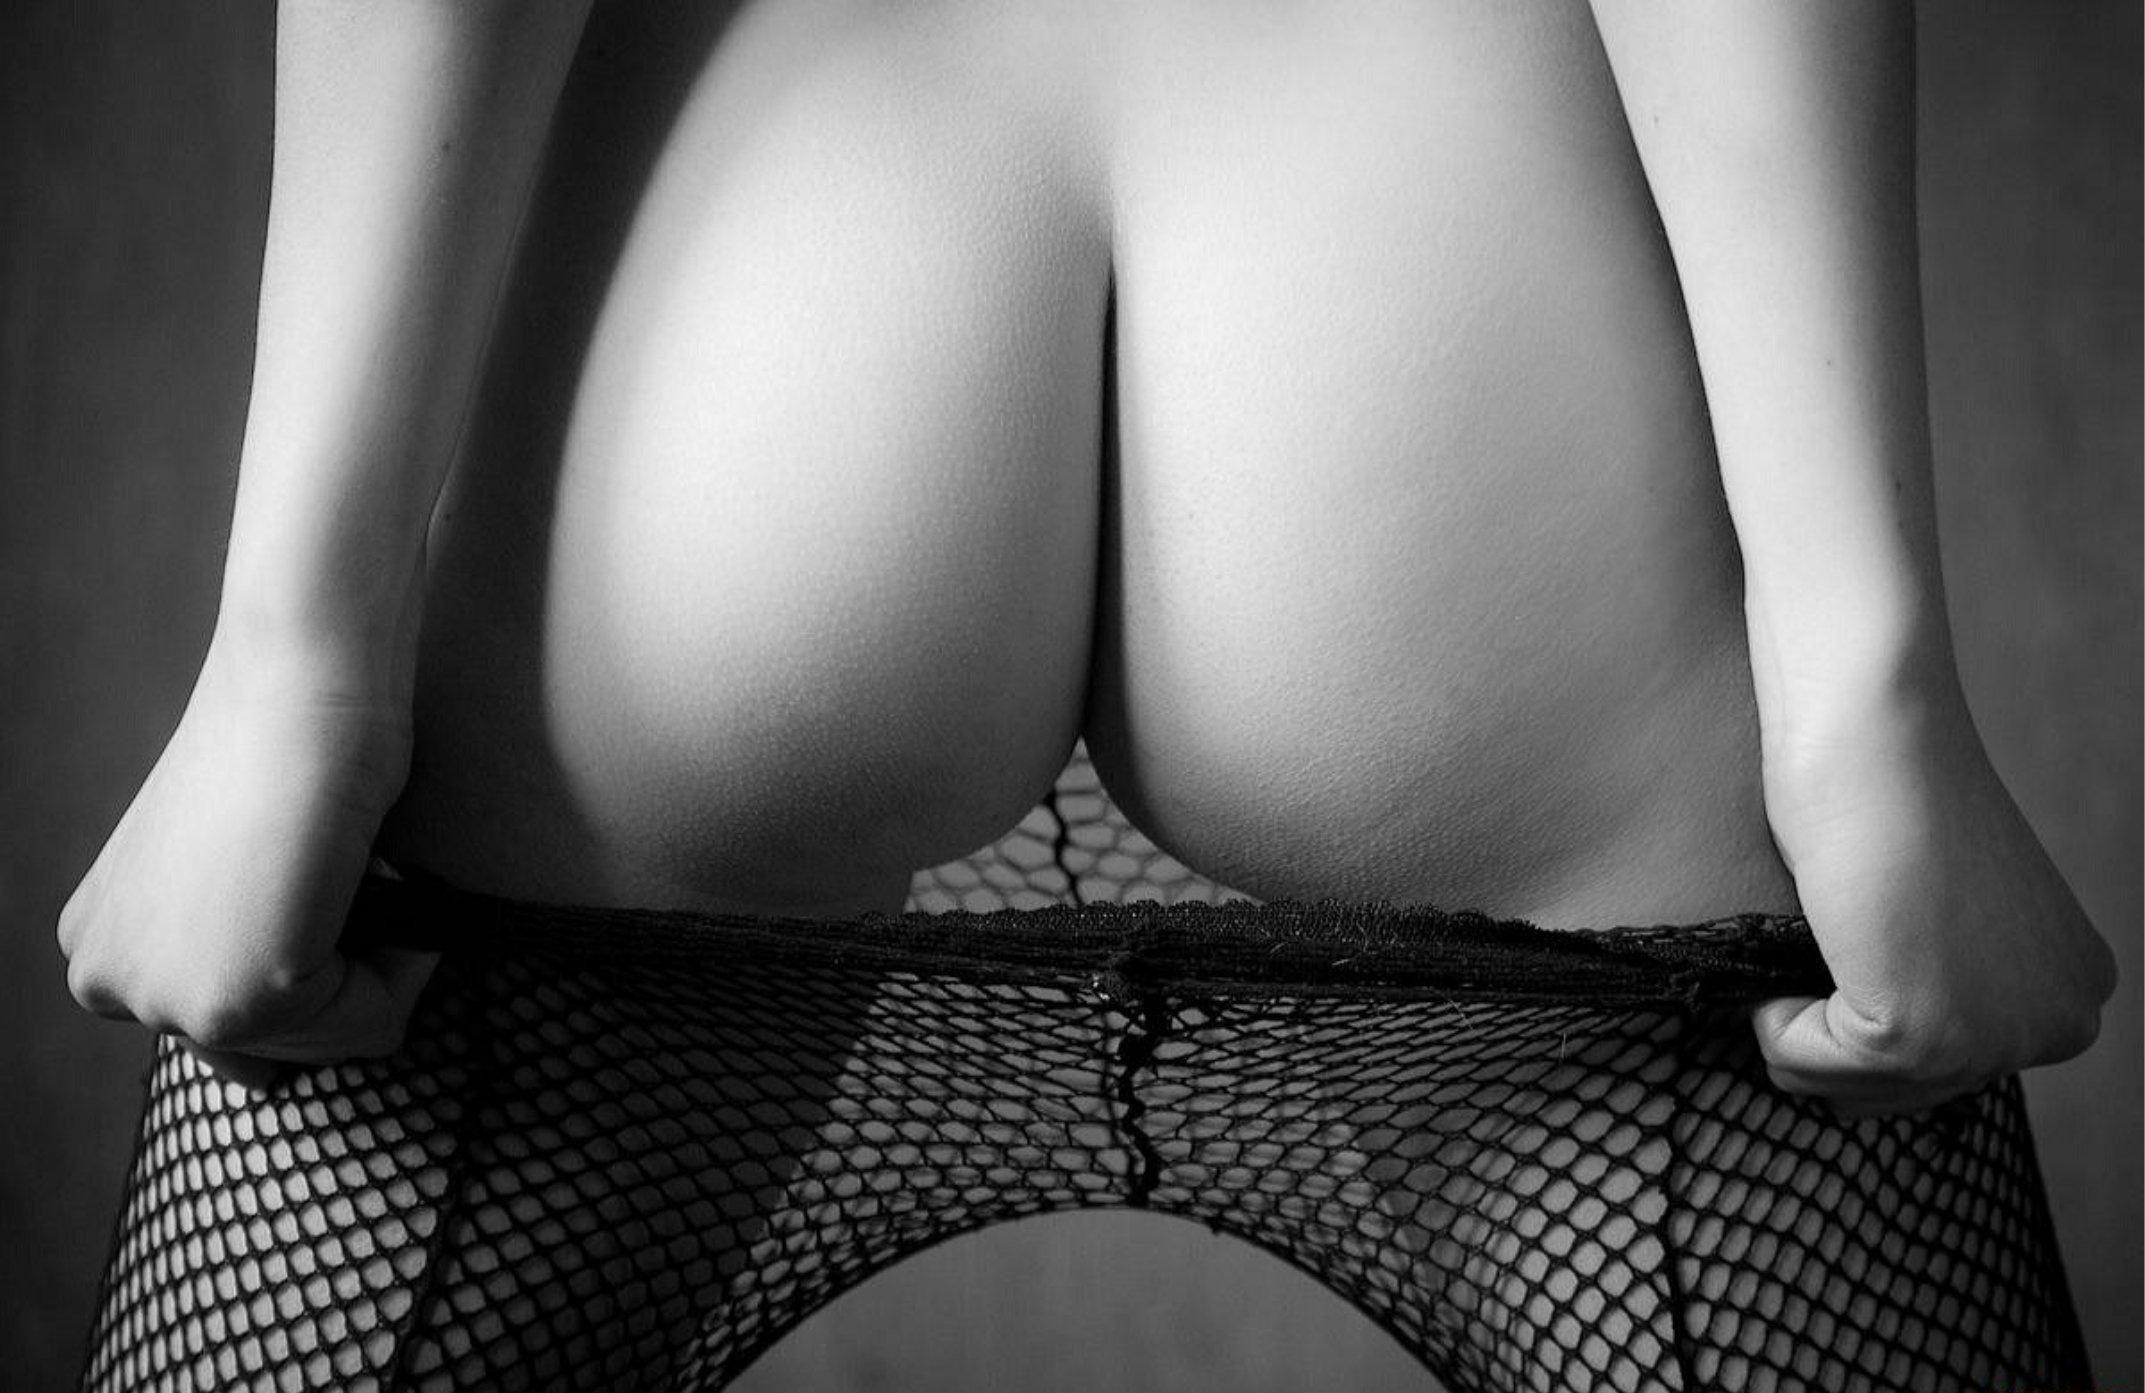 Фото секс жопа колготки 2 фотография